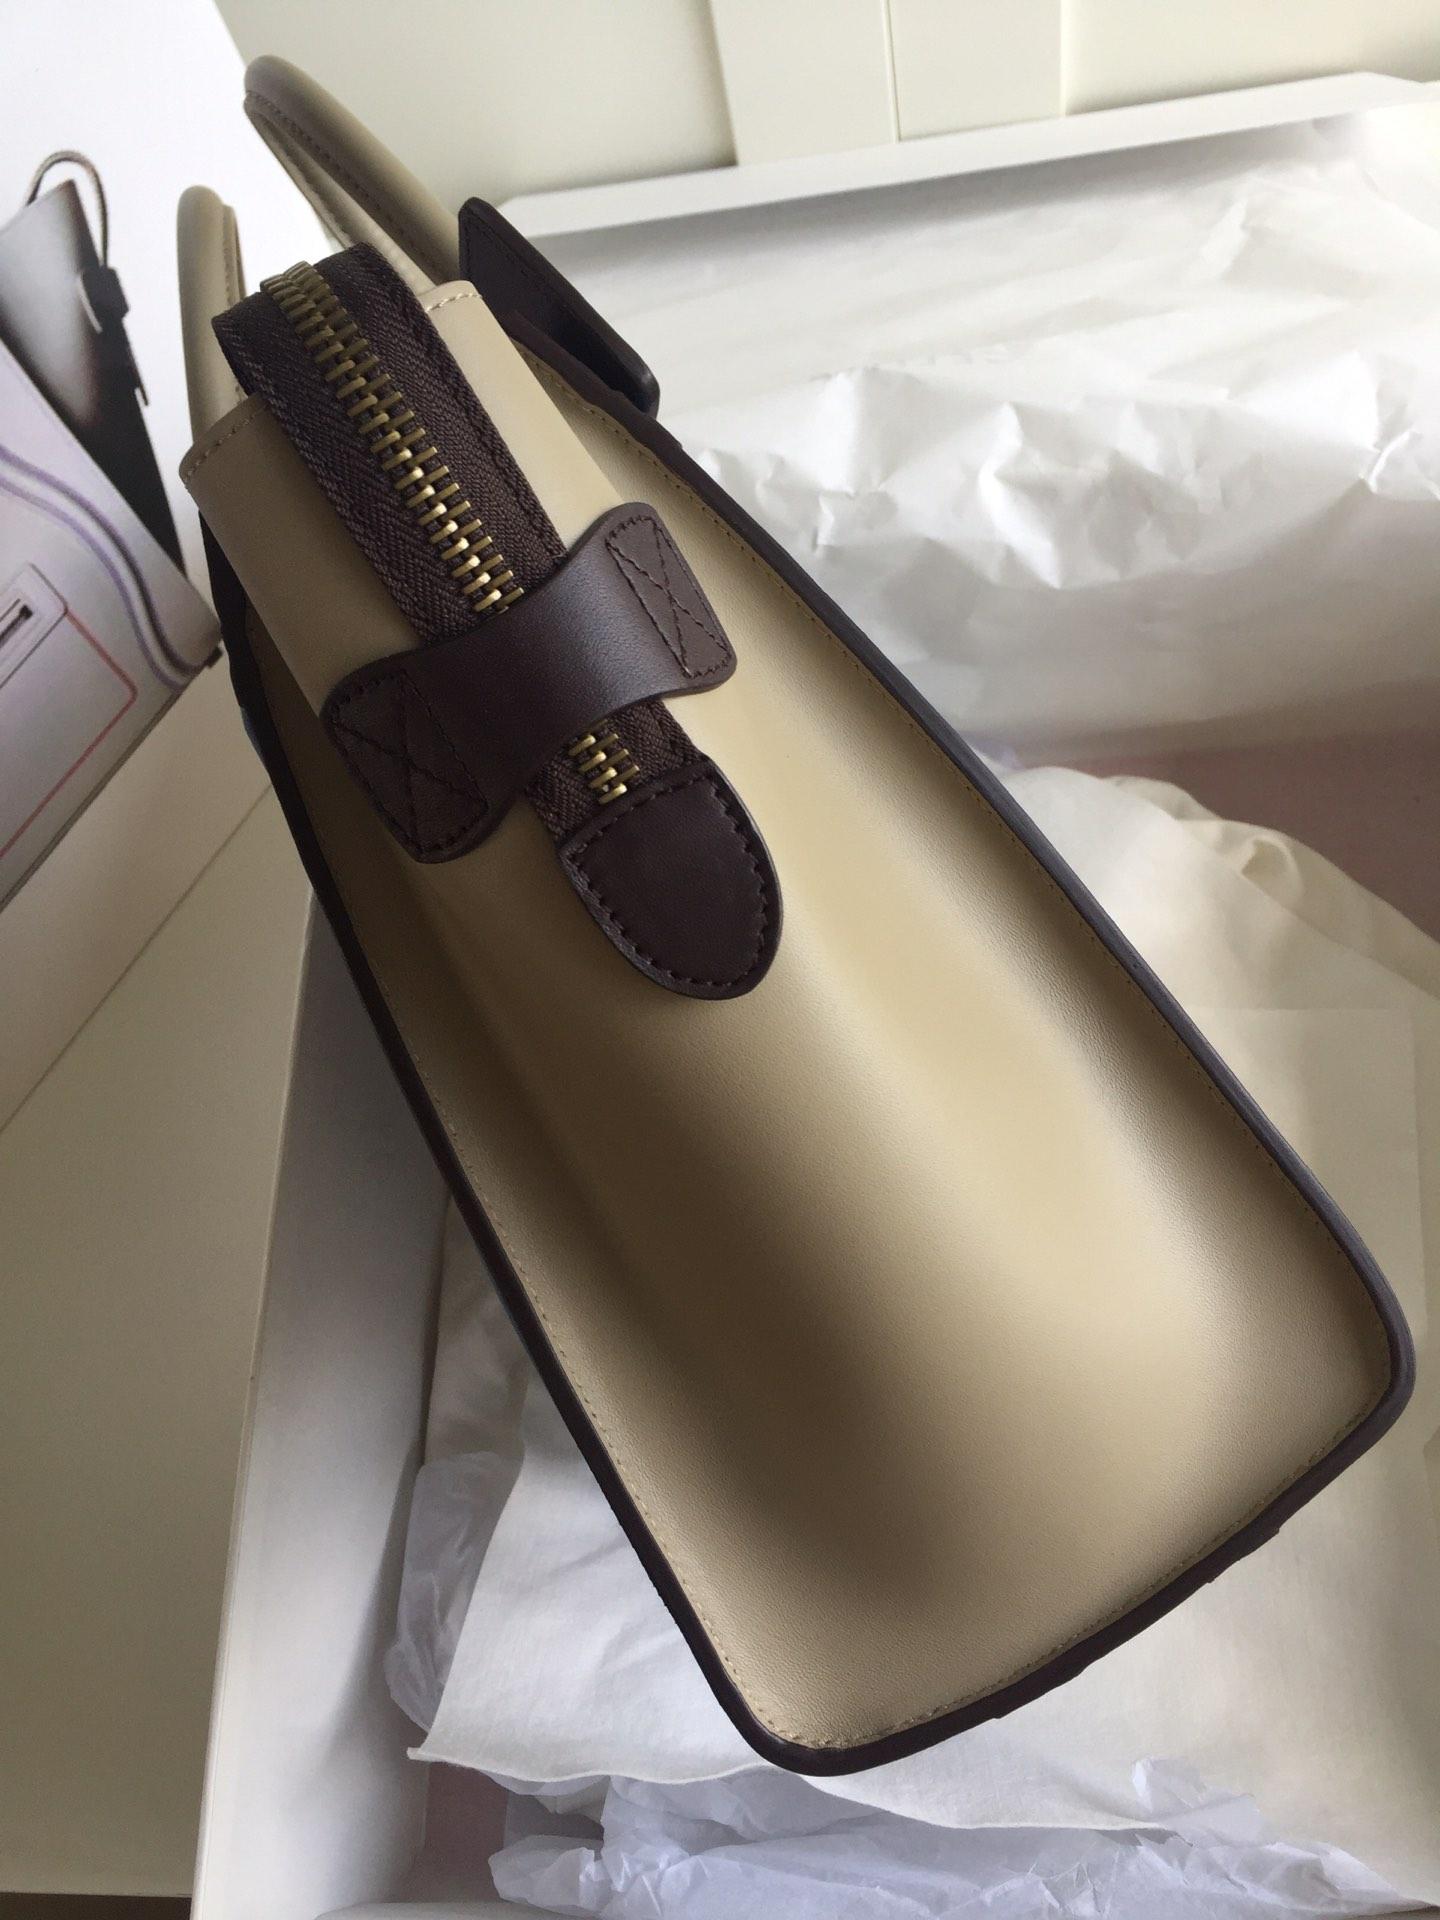 新色笑脸包 海外原单MICROLUGGAGE牛皮手袋 银色五金 26cm